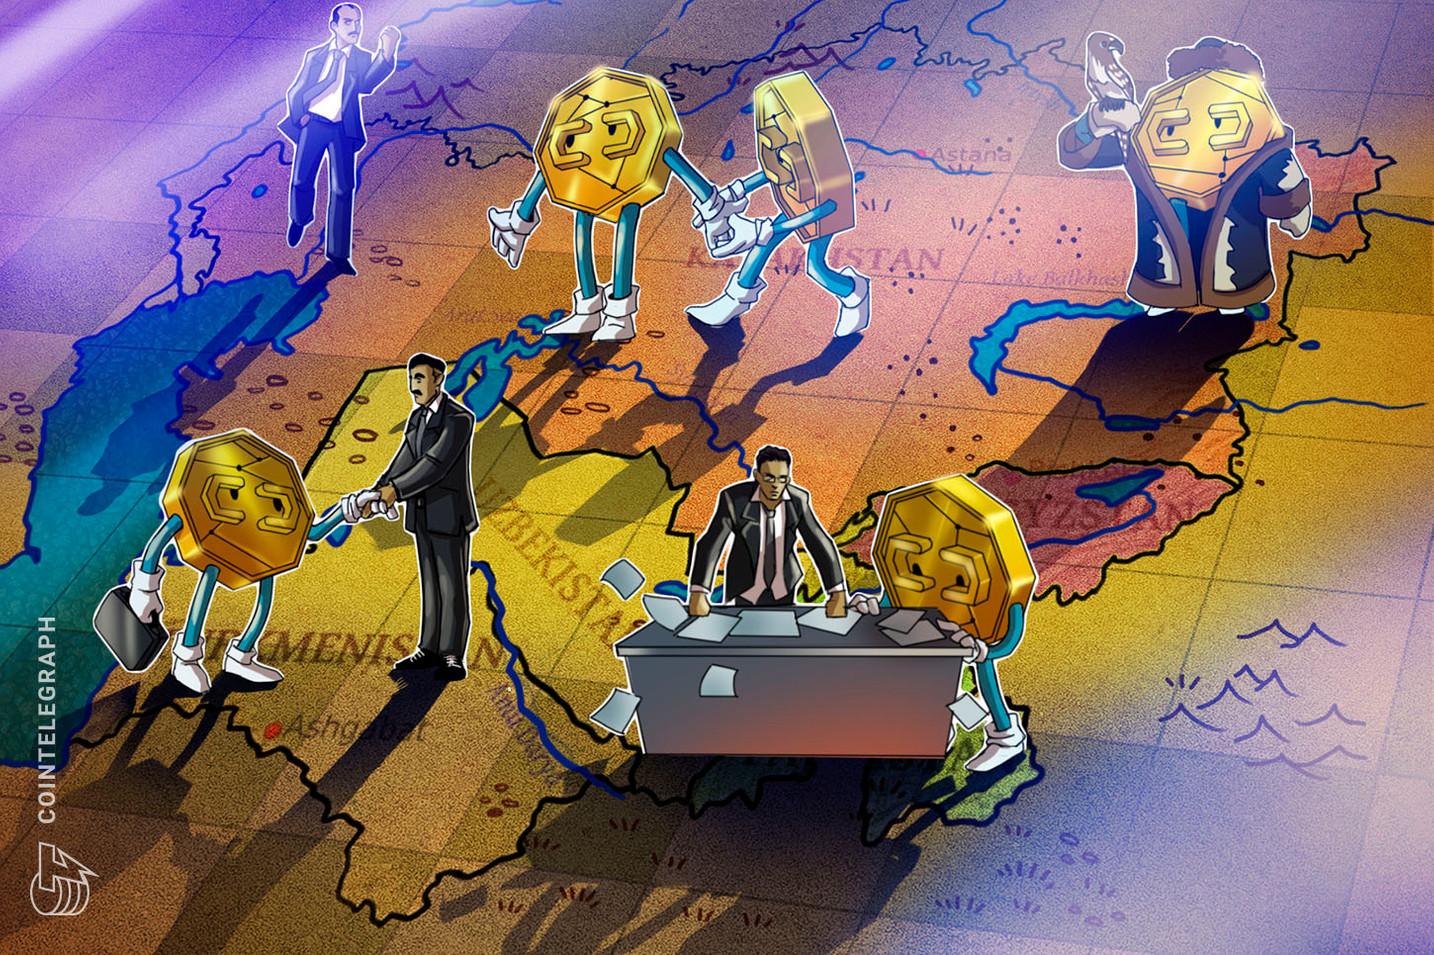 De Kazajstán a Uzbekistán: Cómo son reguladas las criptomonedas en Asia Central